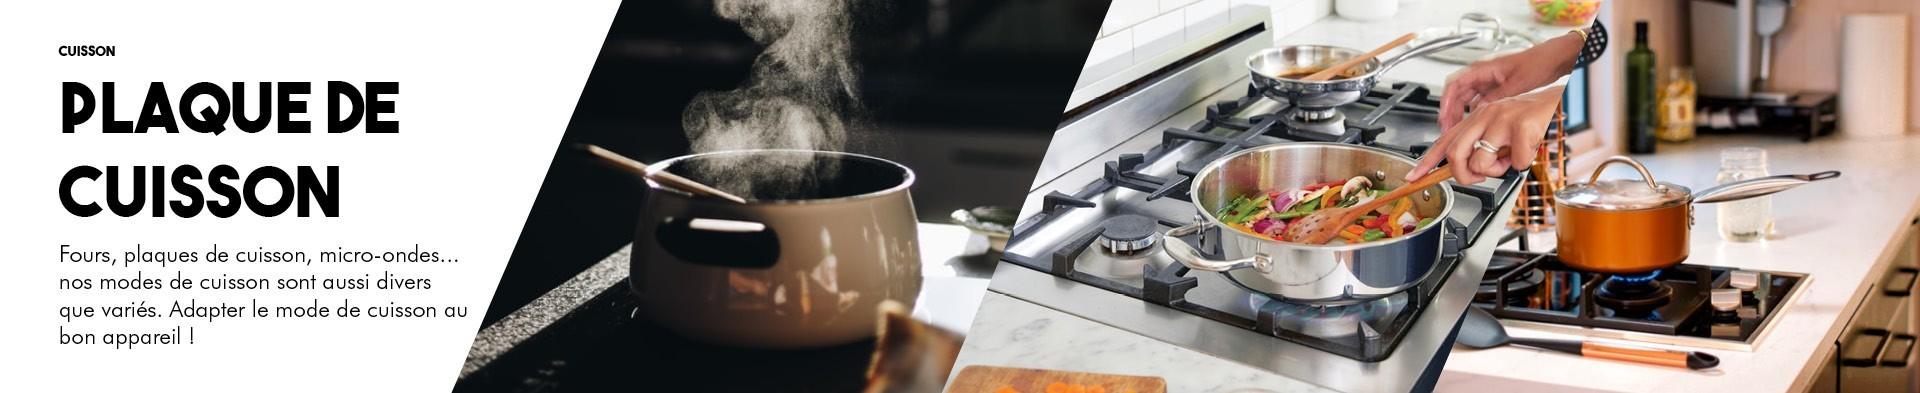 Plaque de cuisson | BlackPanther.fr